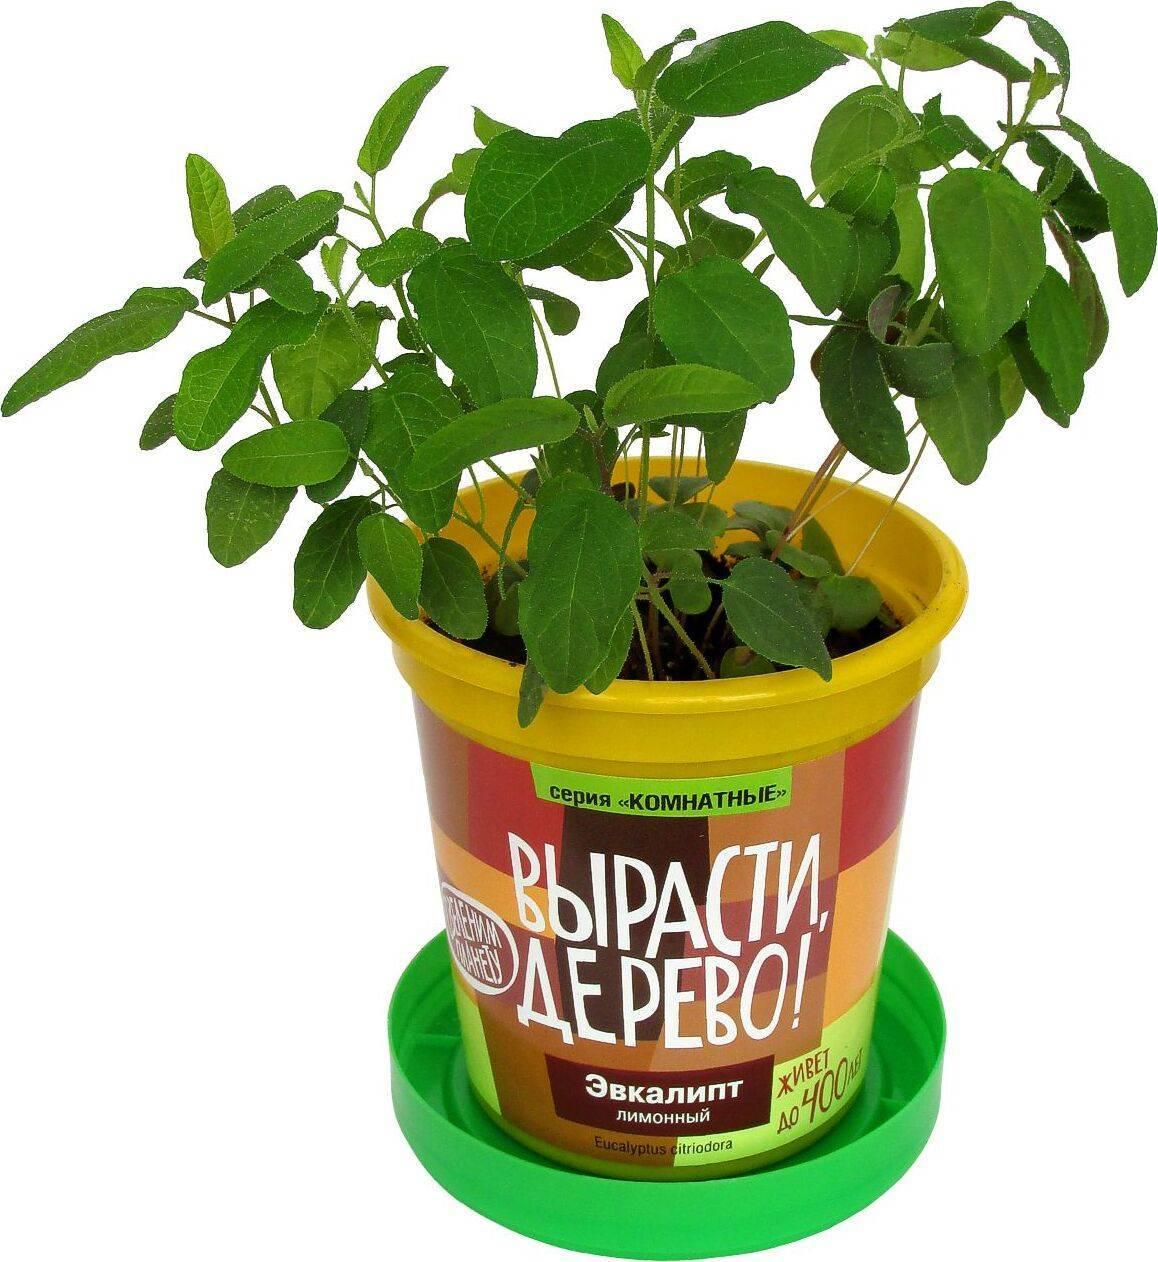 О выращивании эвкалипта лимонного как комнатное растение, дома в горшке